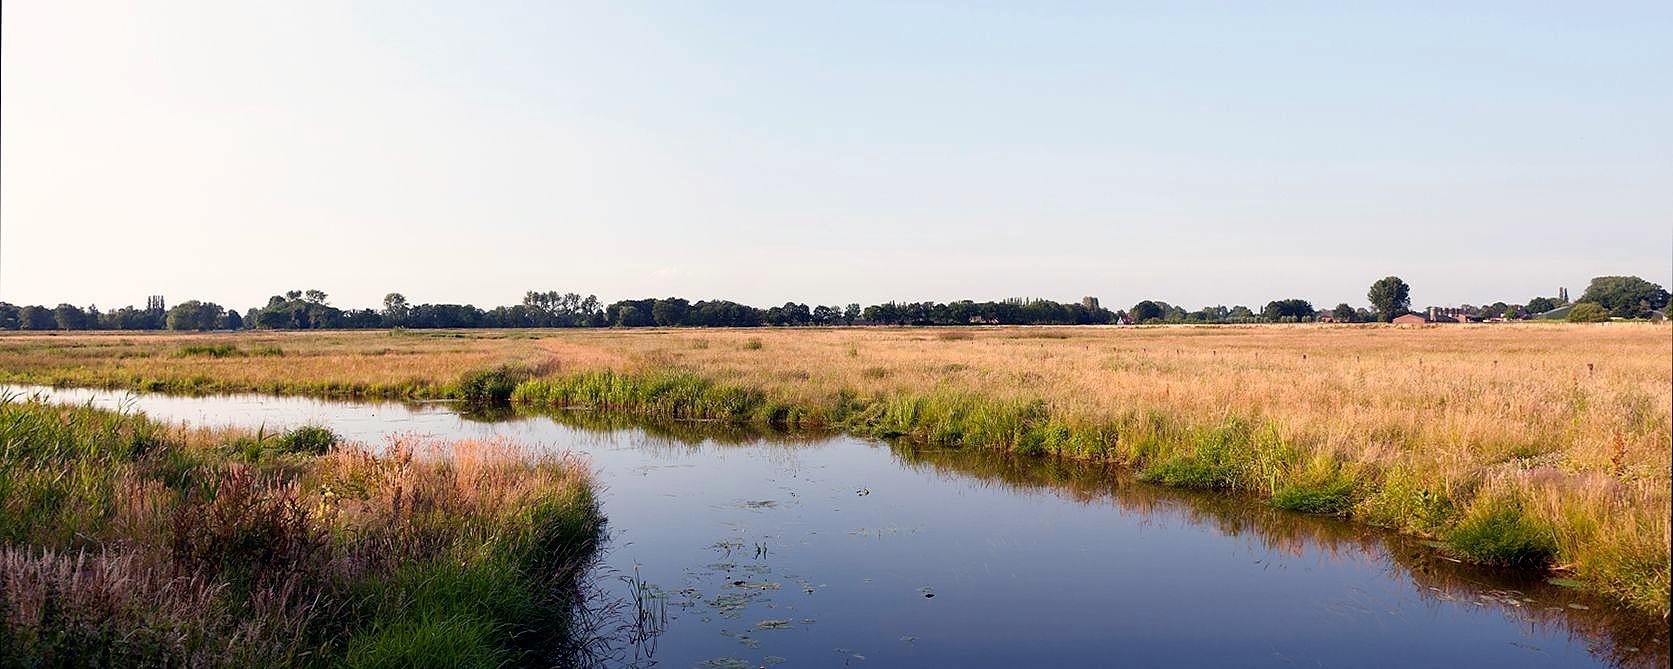 Brabant landscape